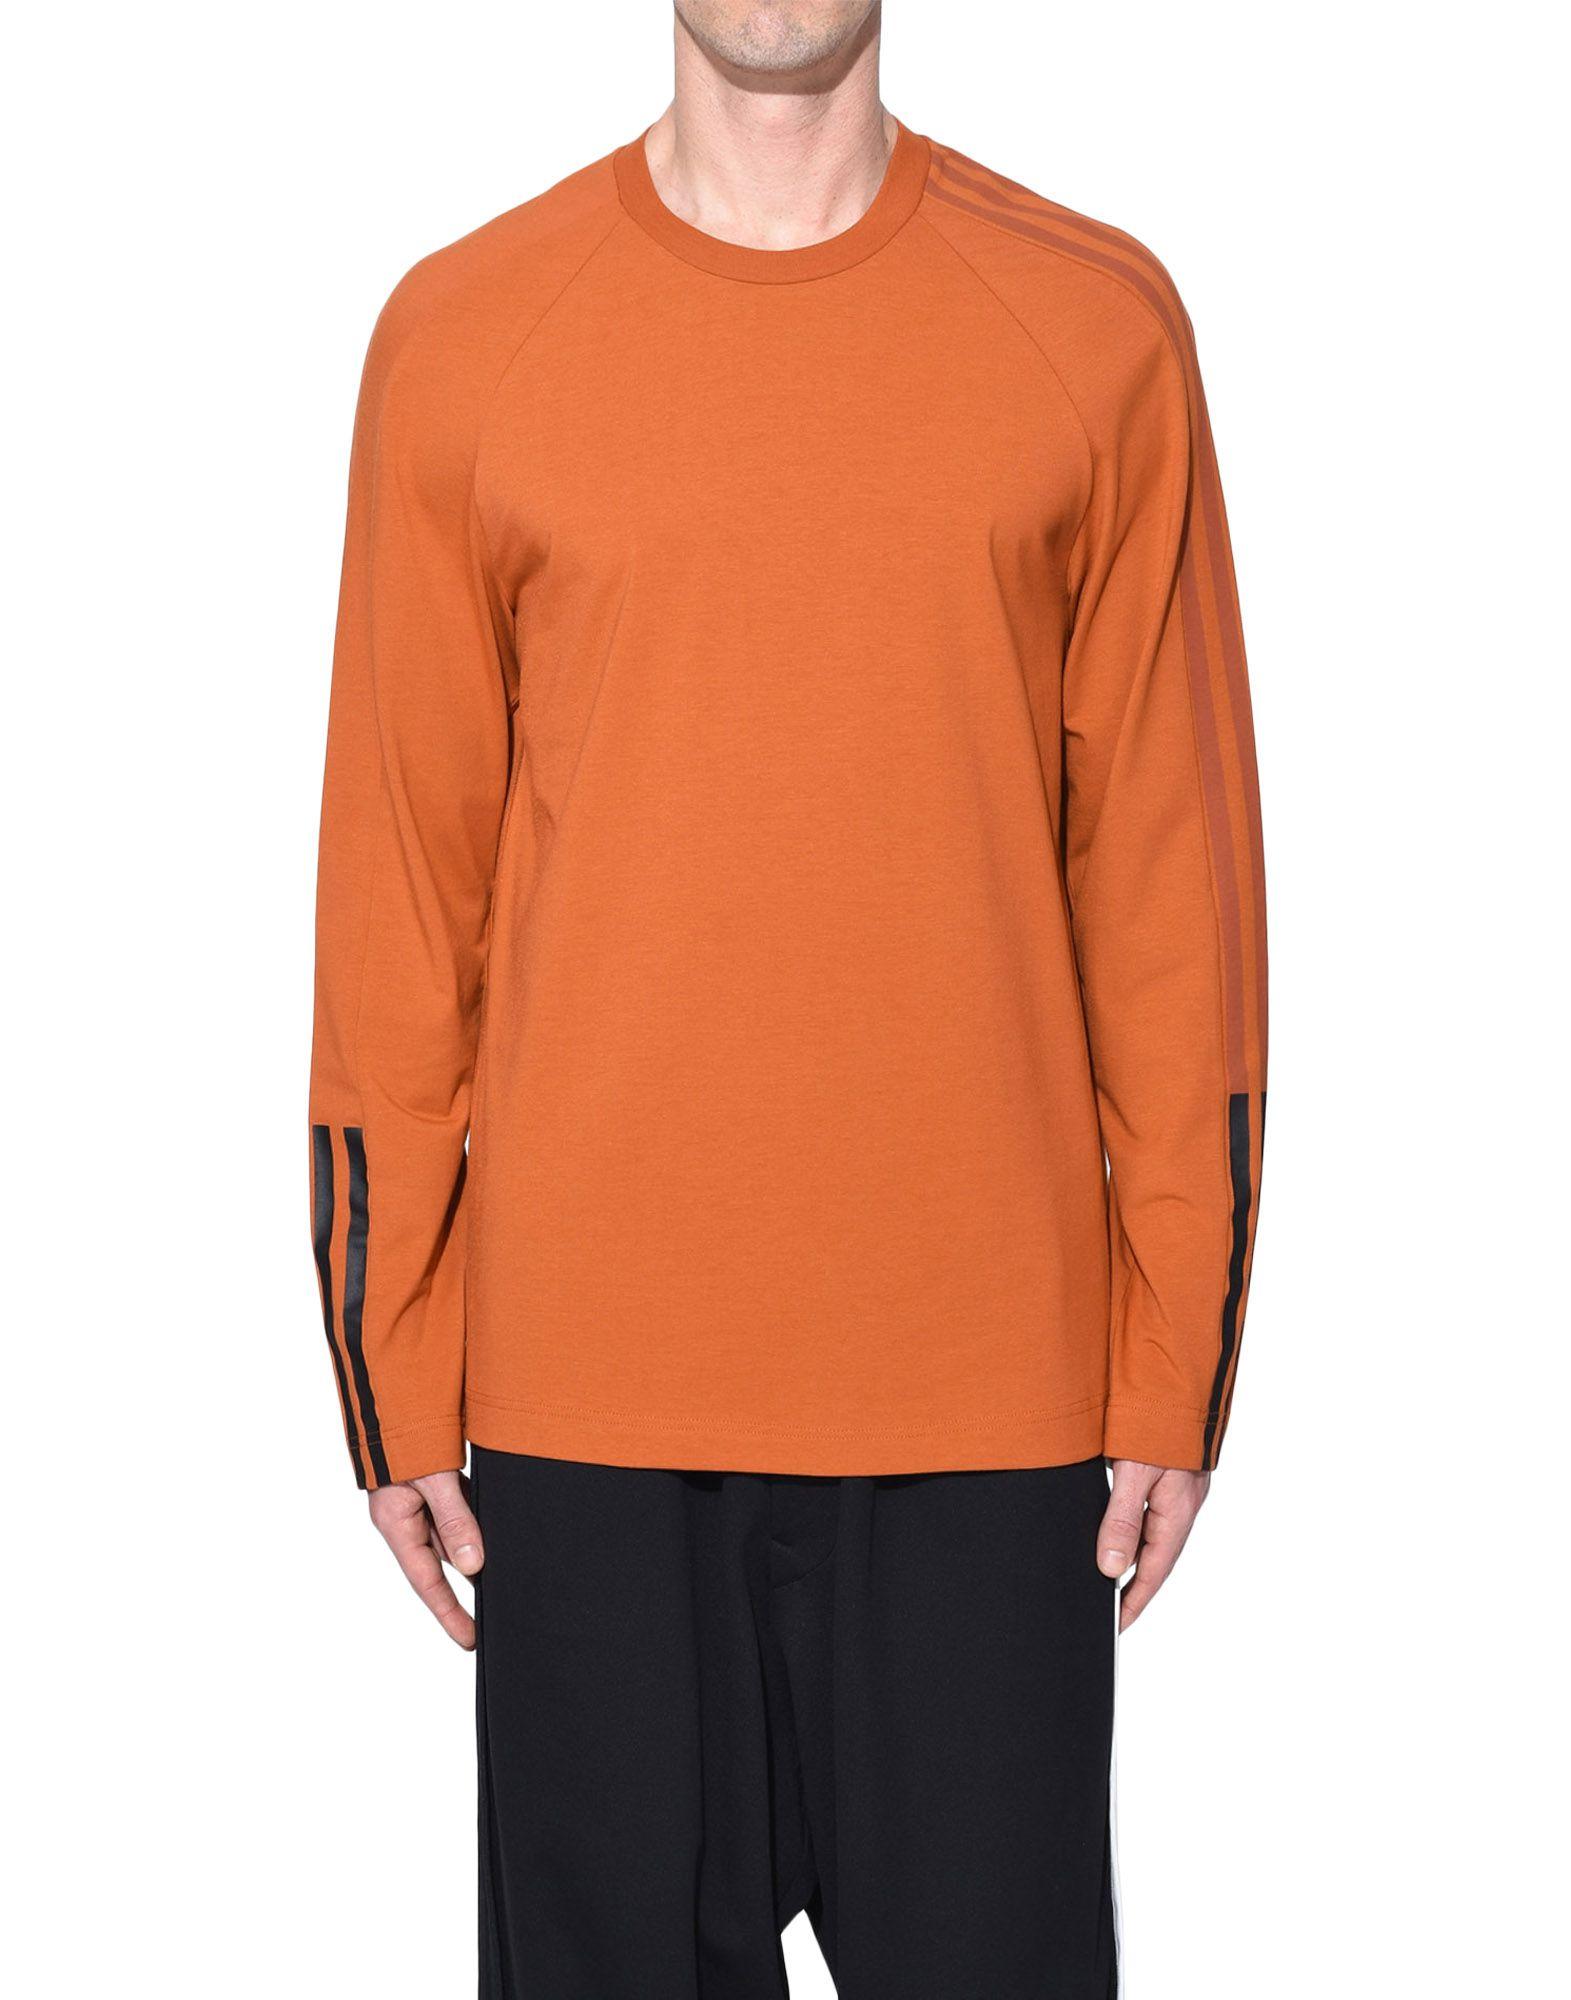 Y-3 Y-3 3-Stripes Tee Long sleeve t-shirt Man r